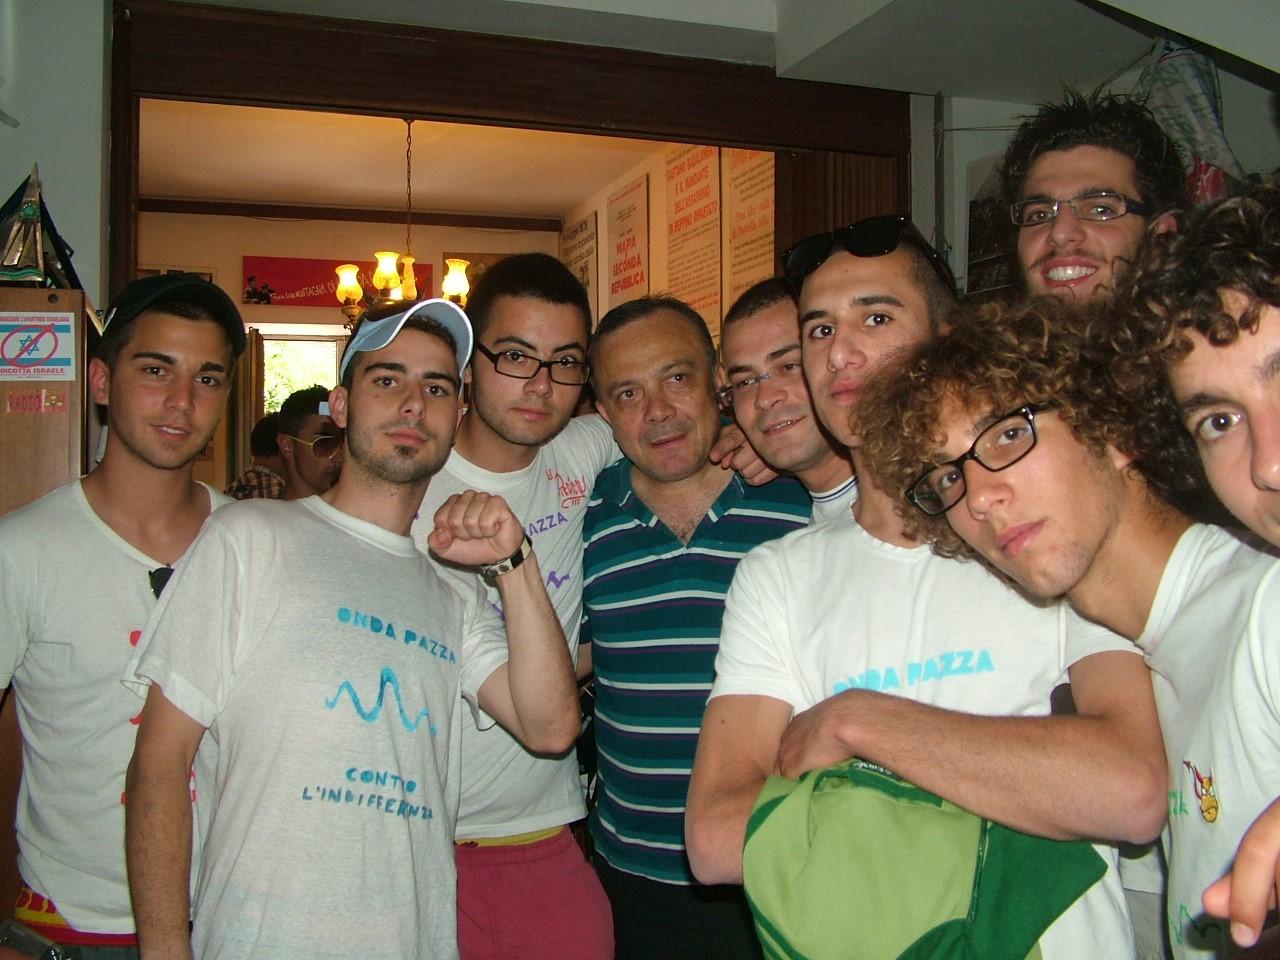 Gruppo Giovanissimi di Azione Cattolica di Porto Cesareo, in compagnia di Giovanni Impastato.